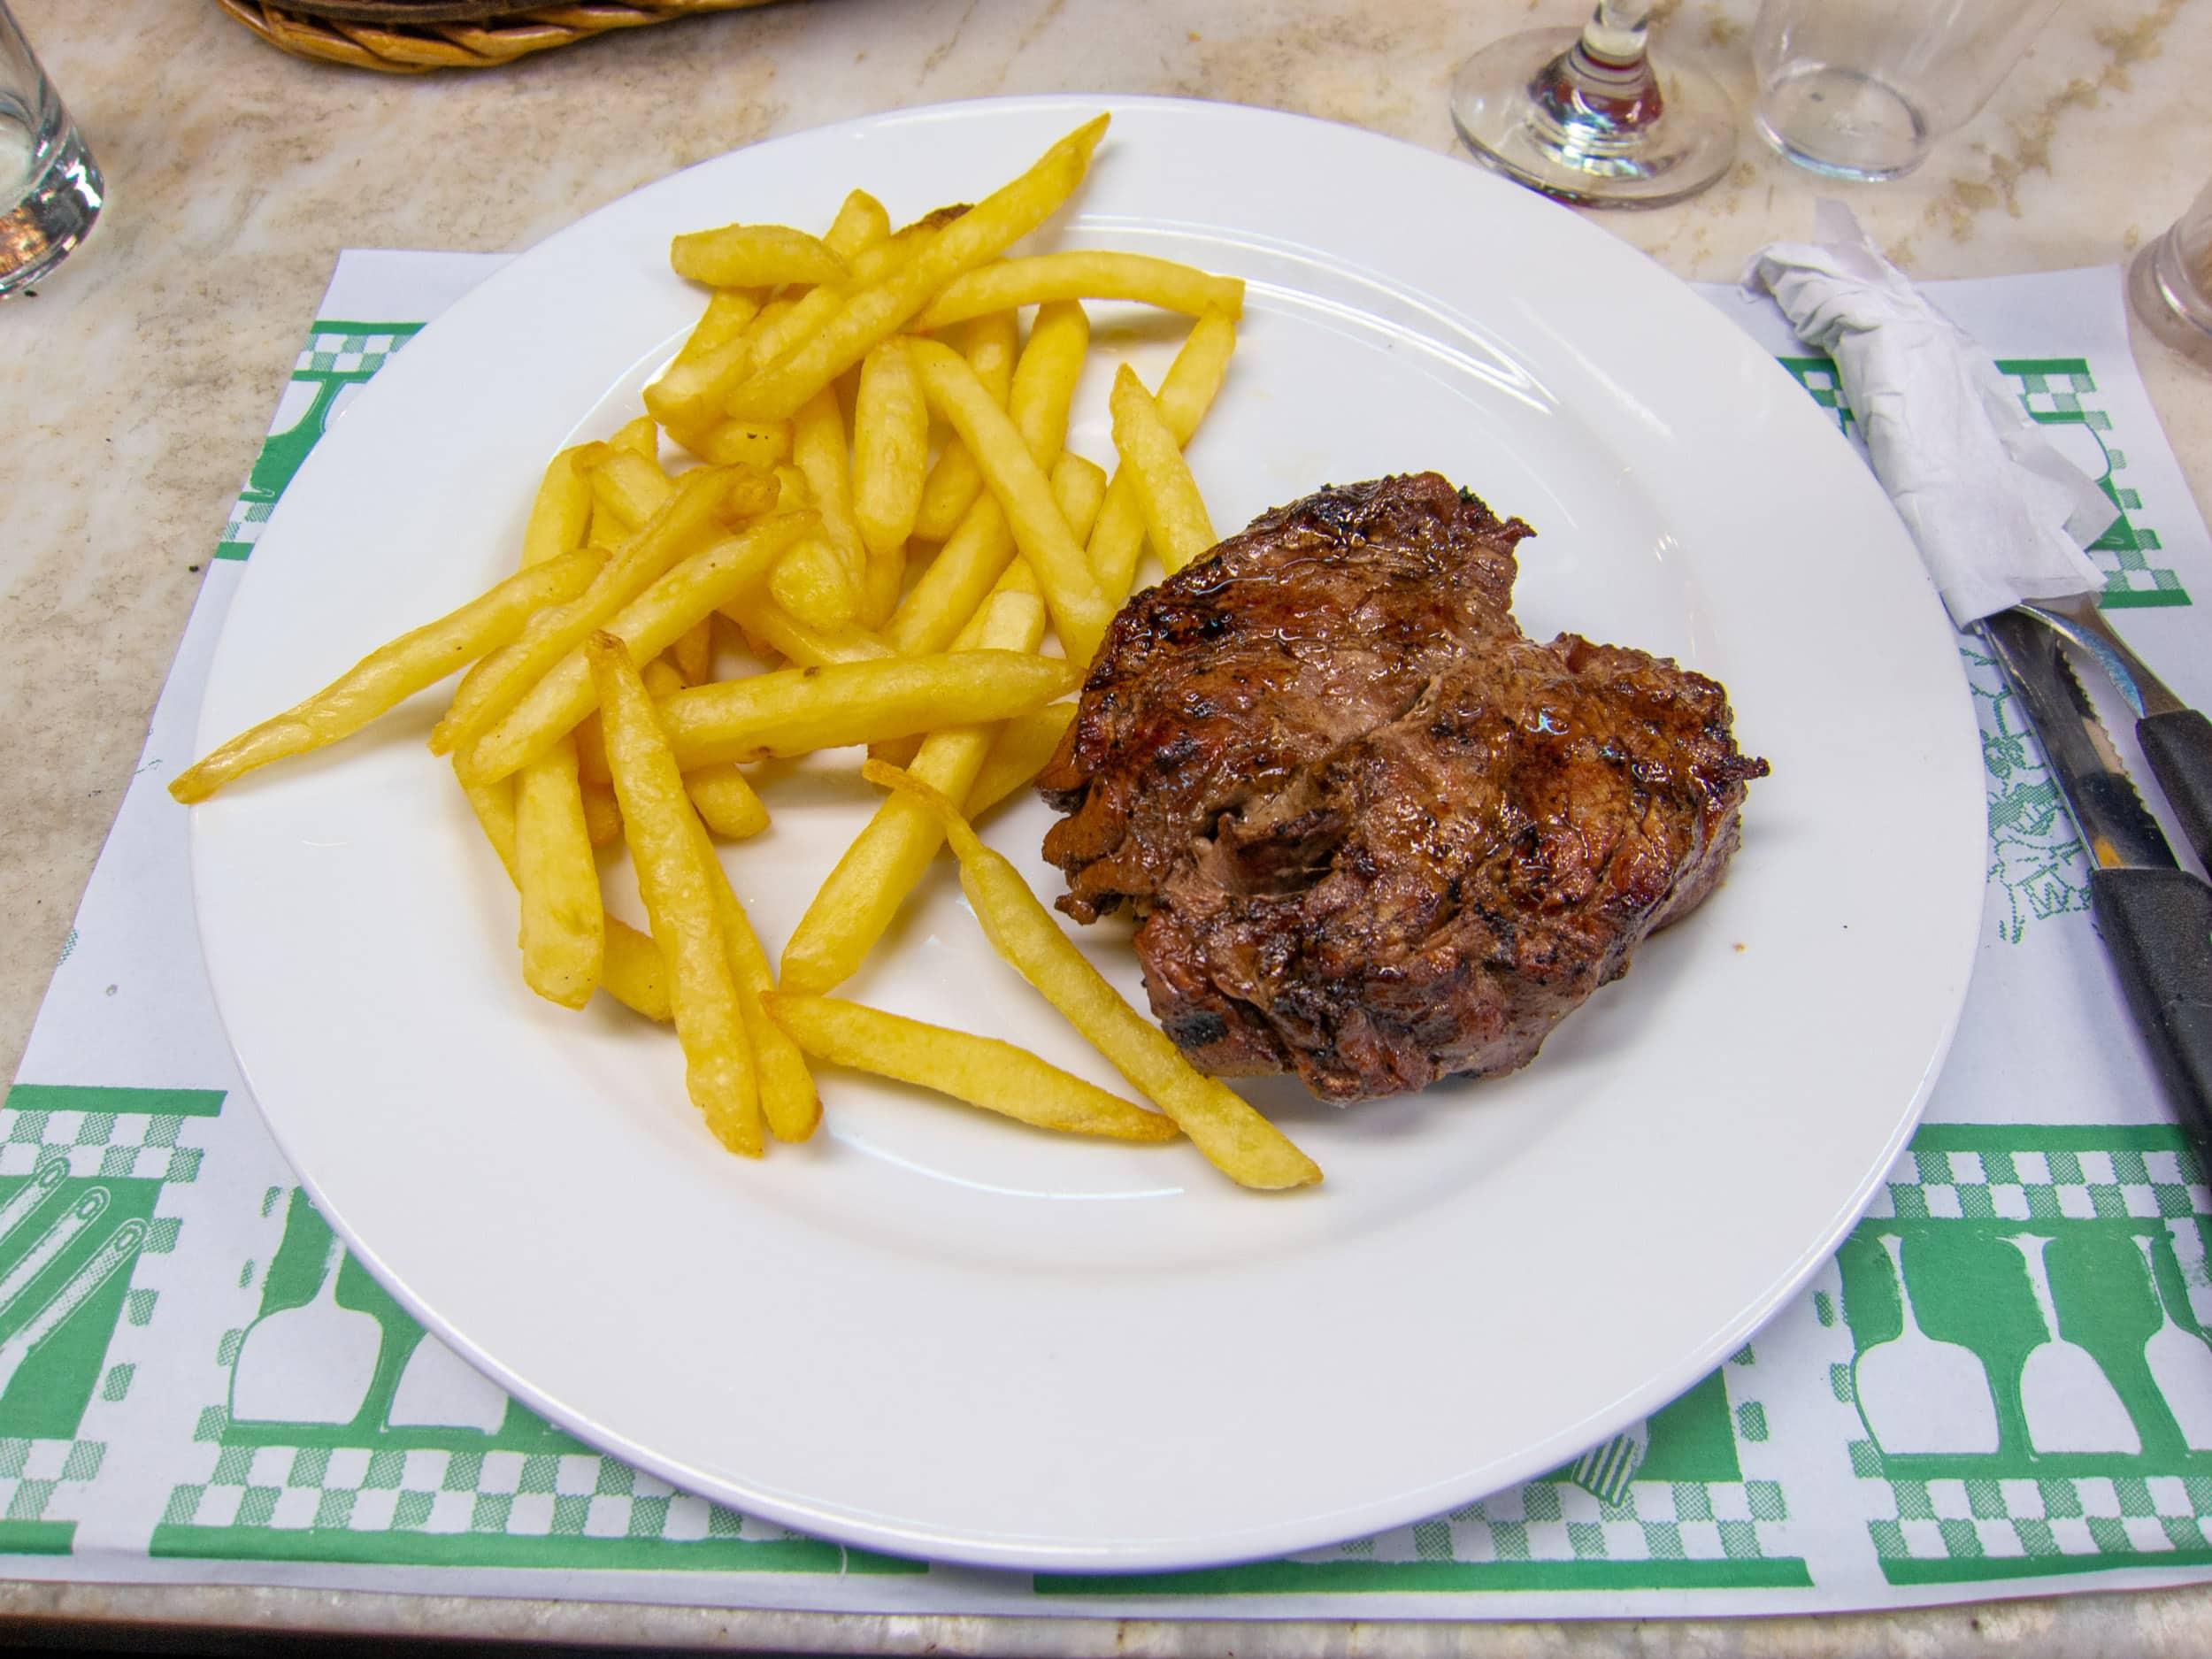 Petite filet mignon with fries at Mercado del Puerto